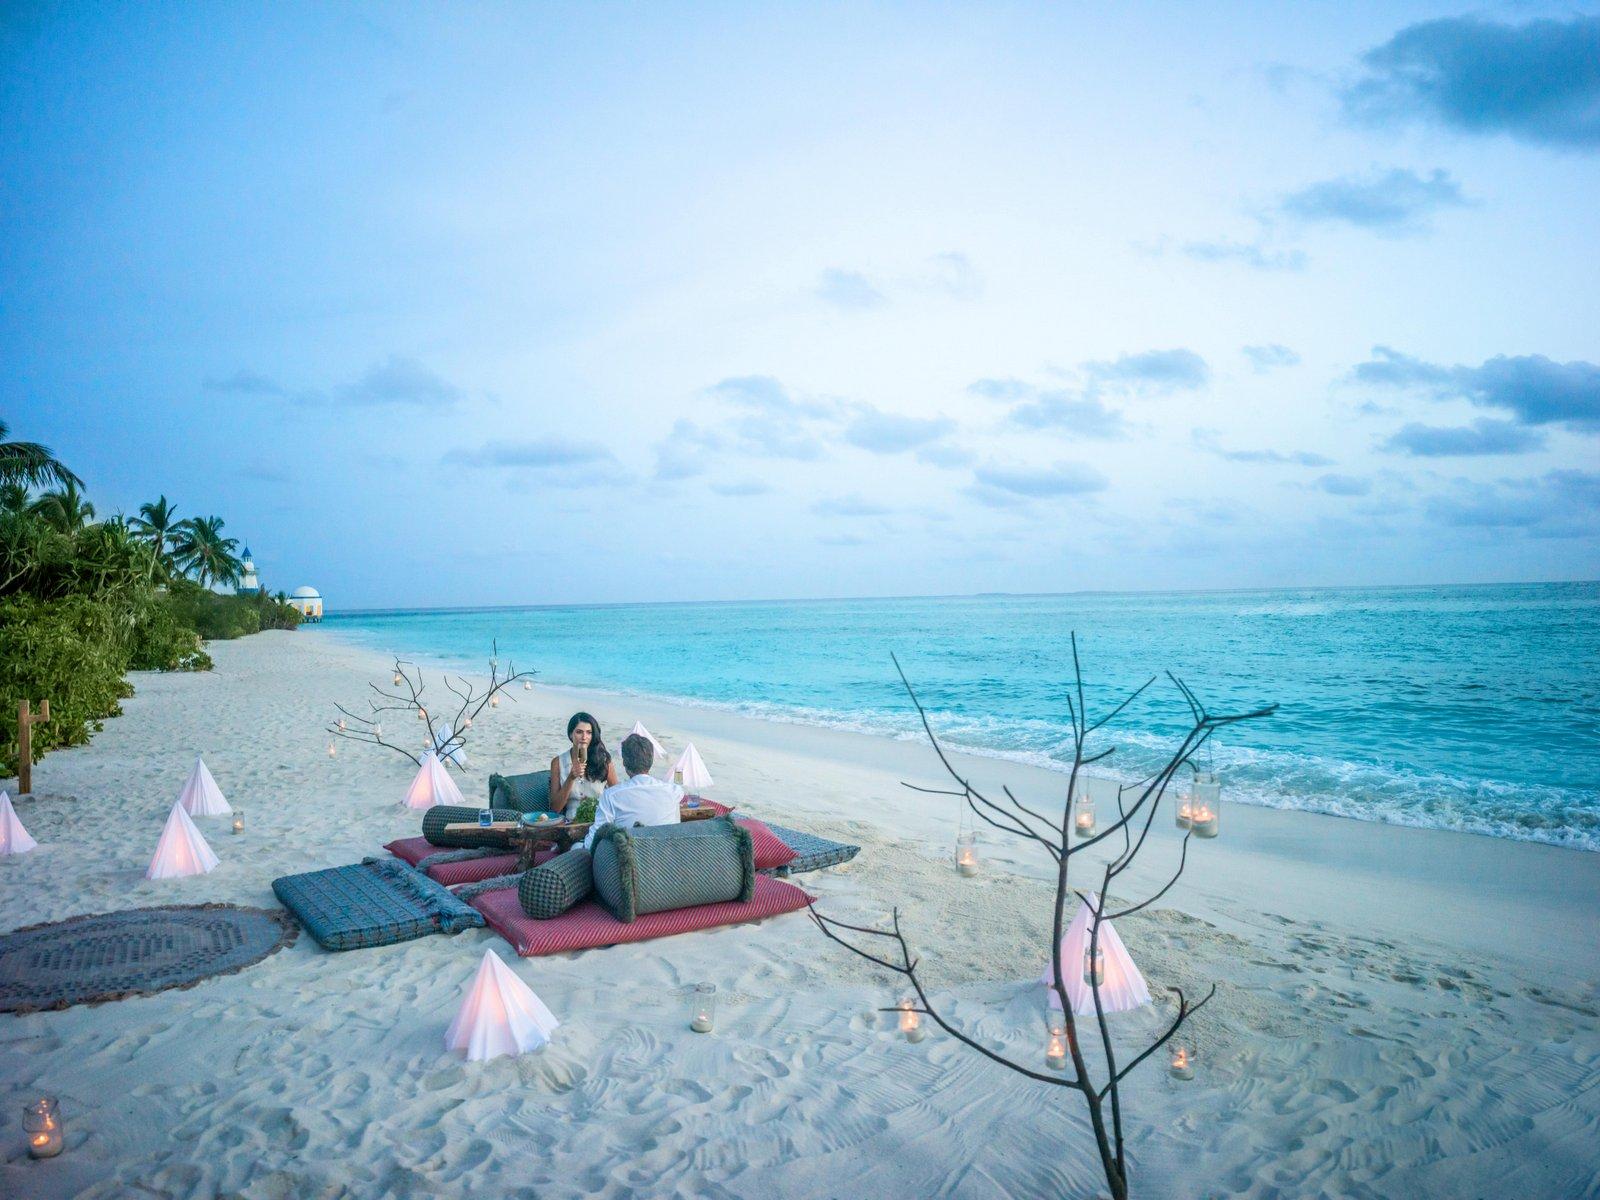 Мальдивы, отель Intercontinental Maldives Maamunagau, ужин на пляже